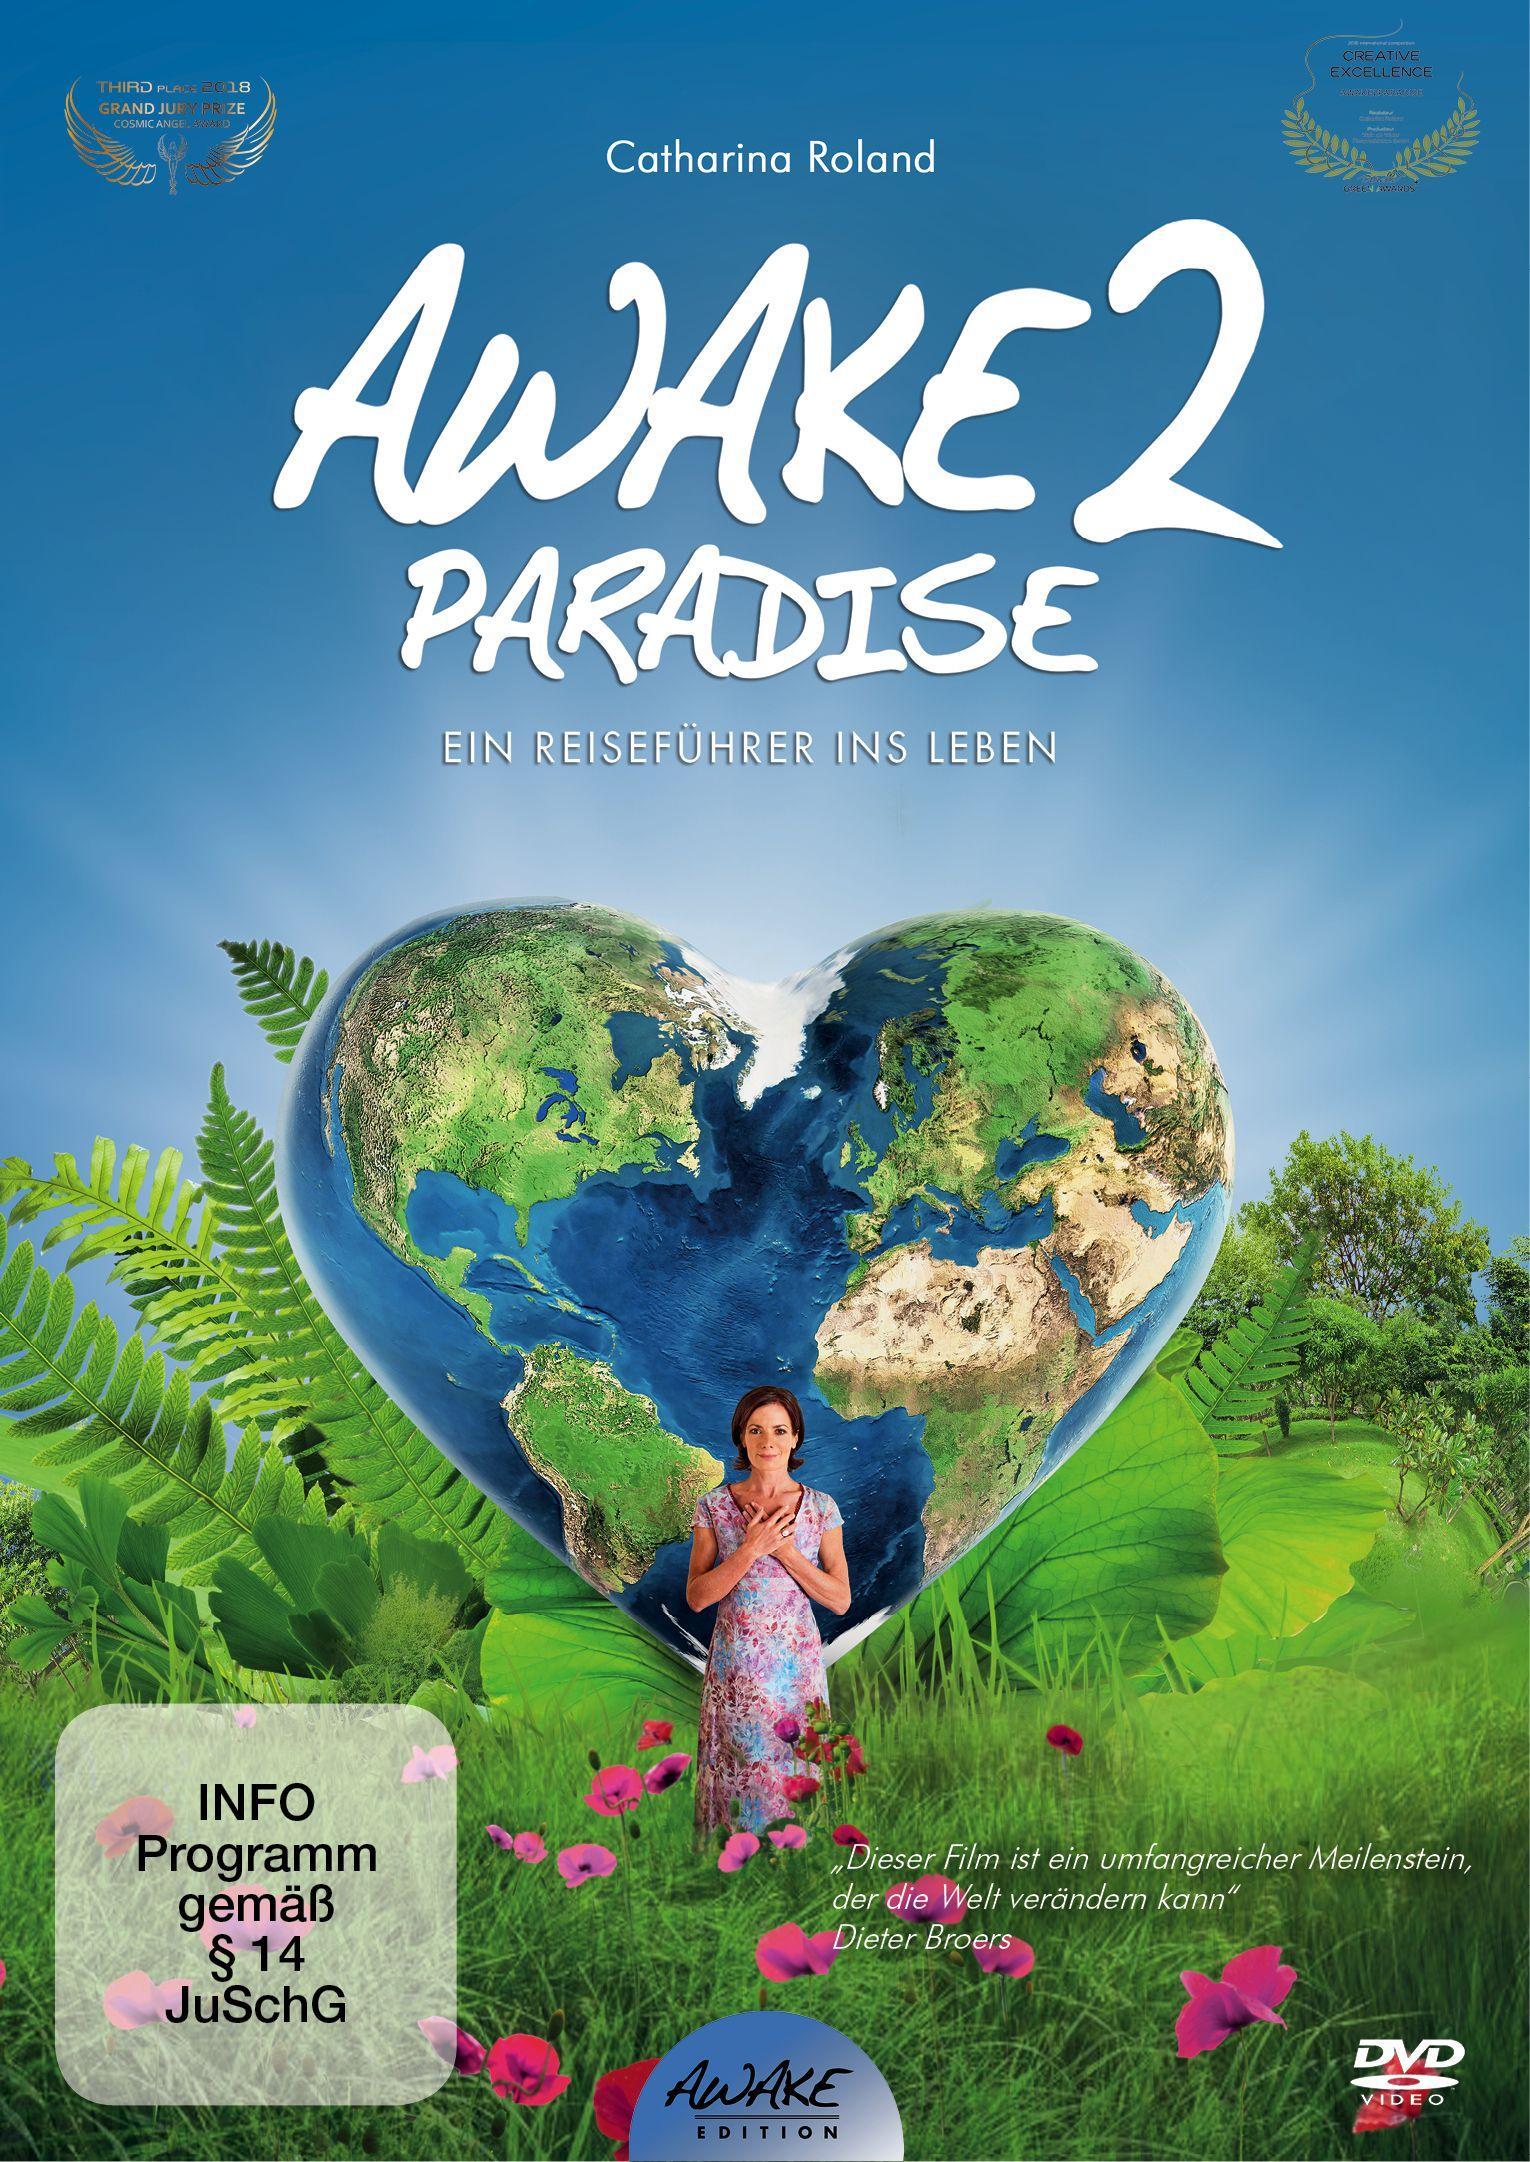 AWAKE2PARADISE  Ein Reiseführer ins Leben  Catharina Roland  DVD  Deutsch  2018